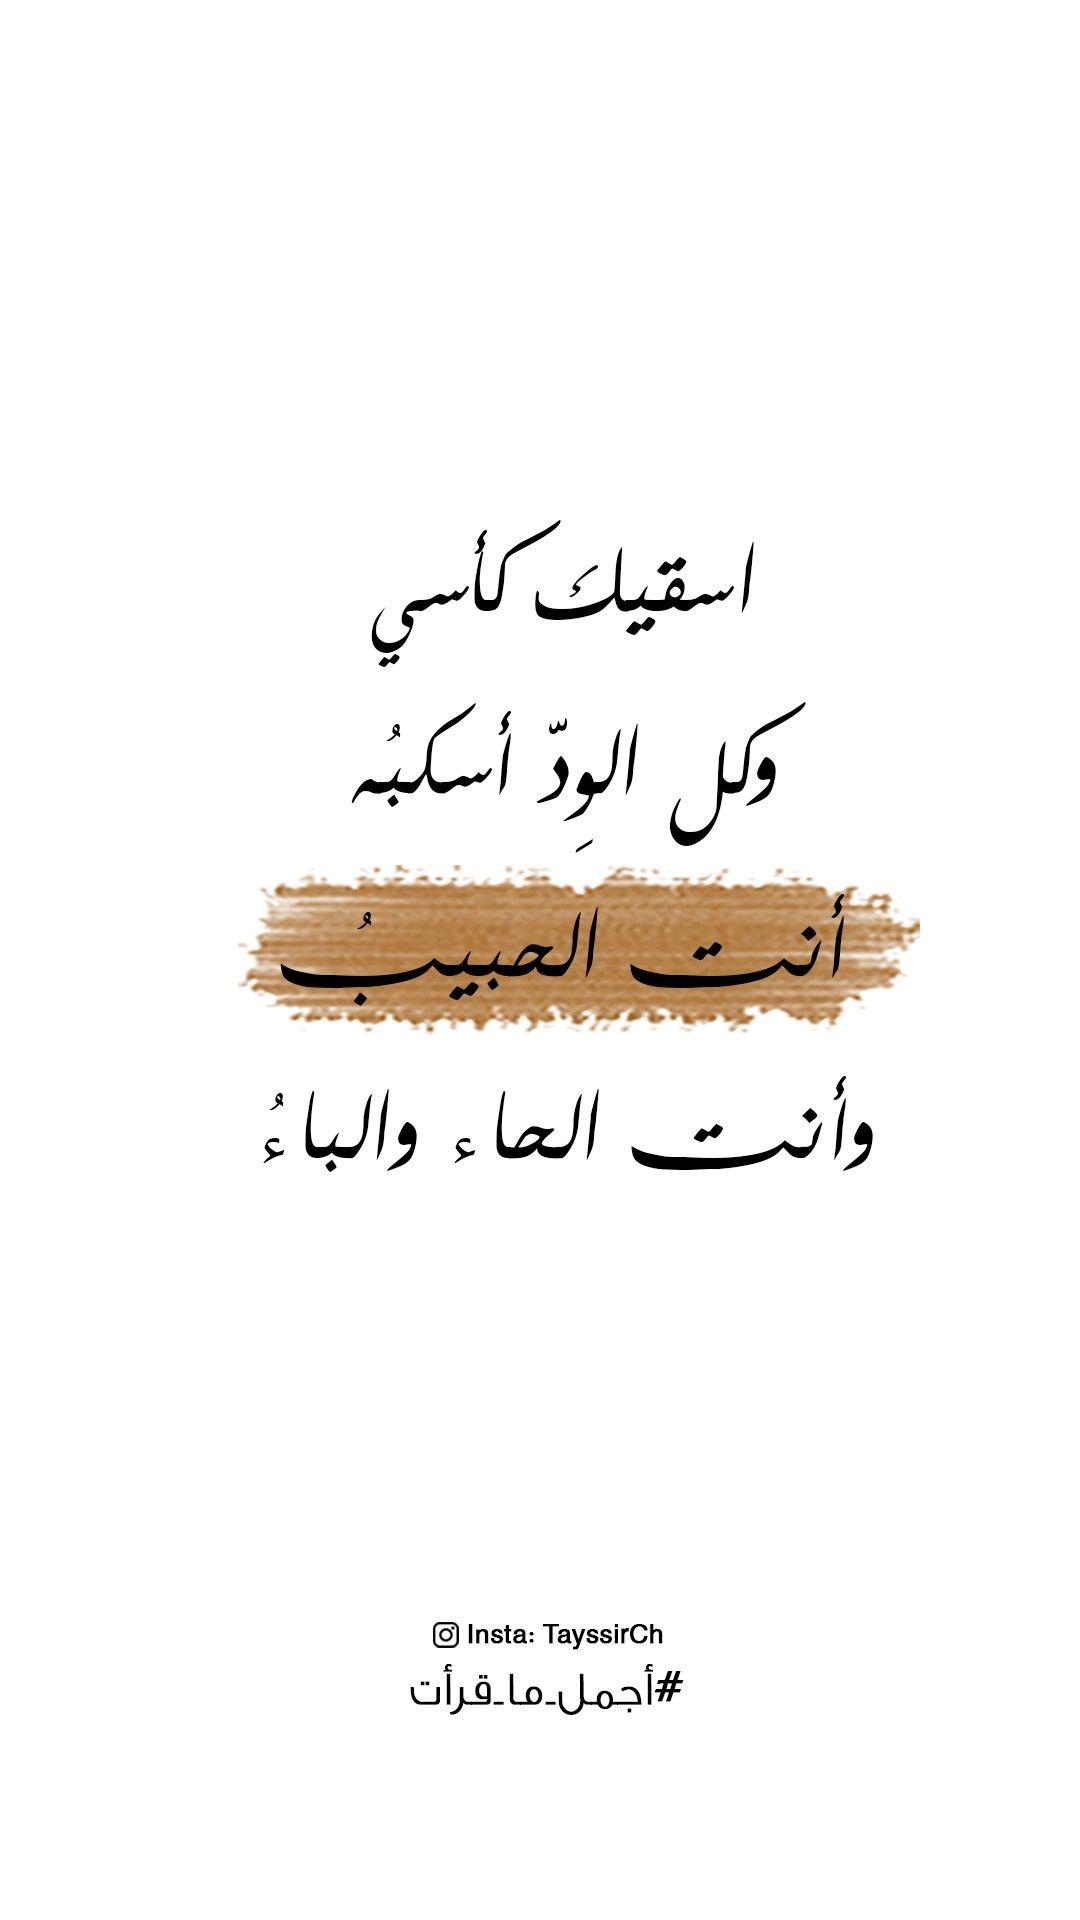 أنت الحبيب وأنت الحاء والباء Fabulous Quotes Arabic Quotes Arabic Love Quotes